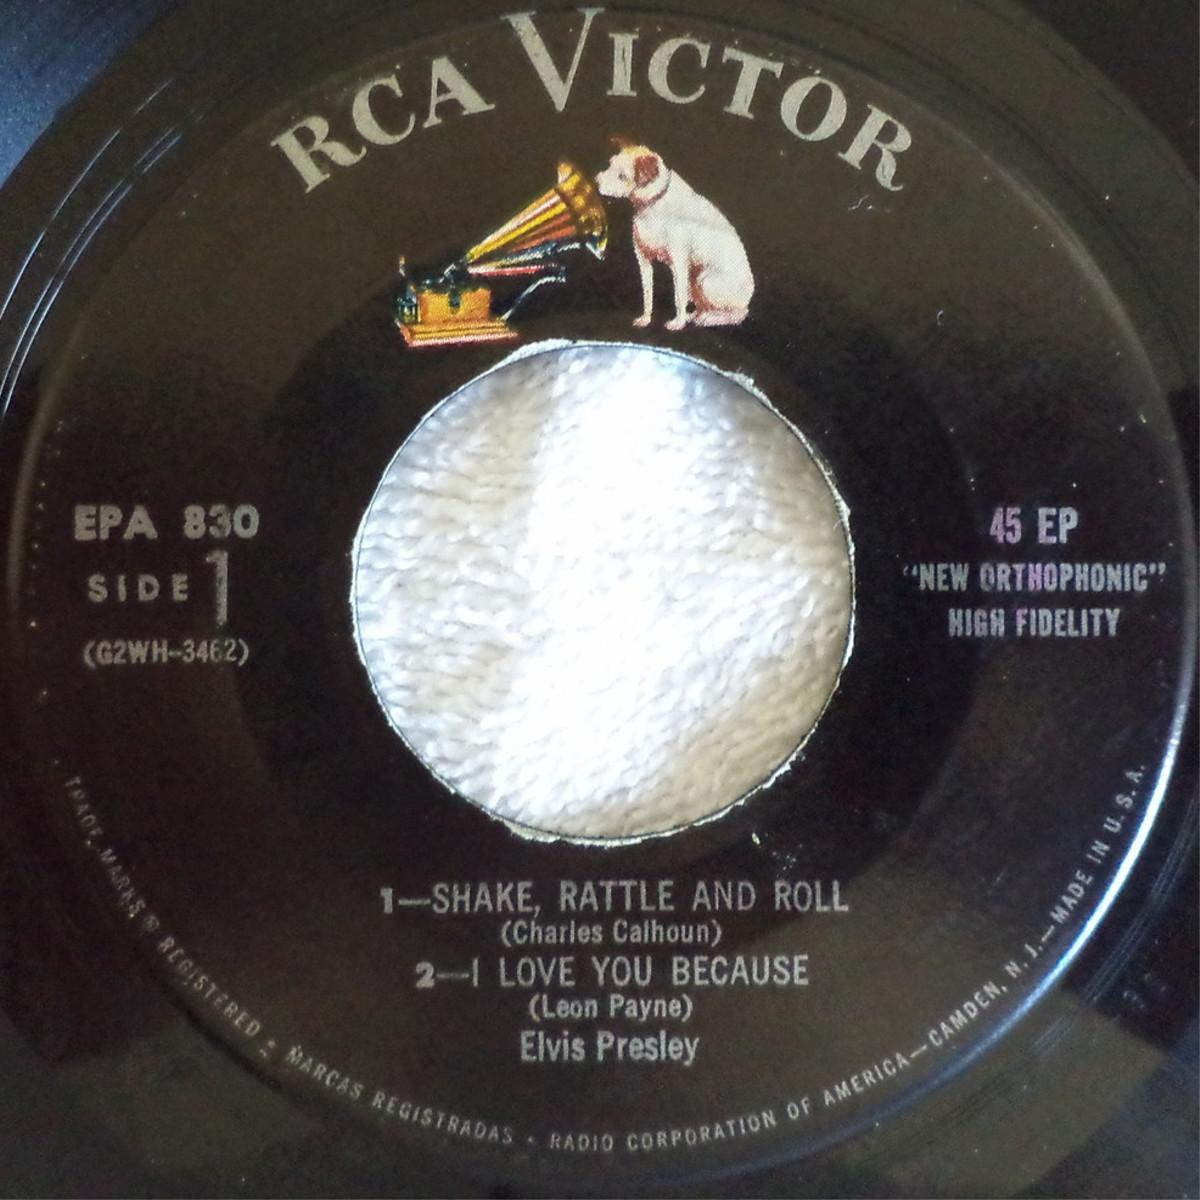 Presley - ELVIS PRESLEY Epa830c7kkhm